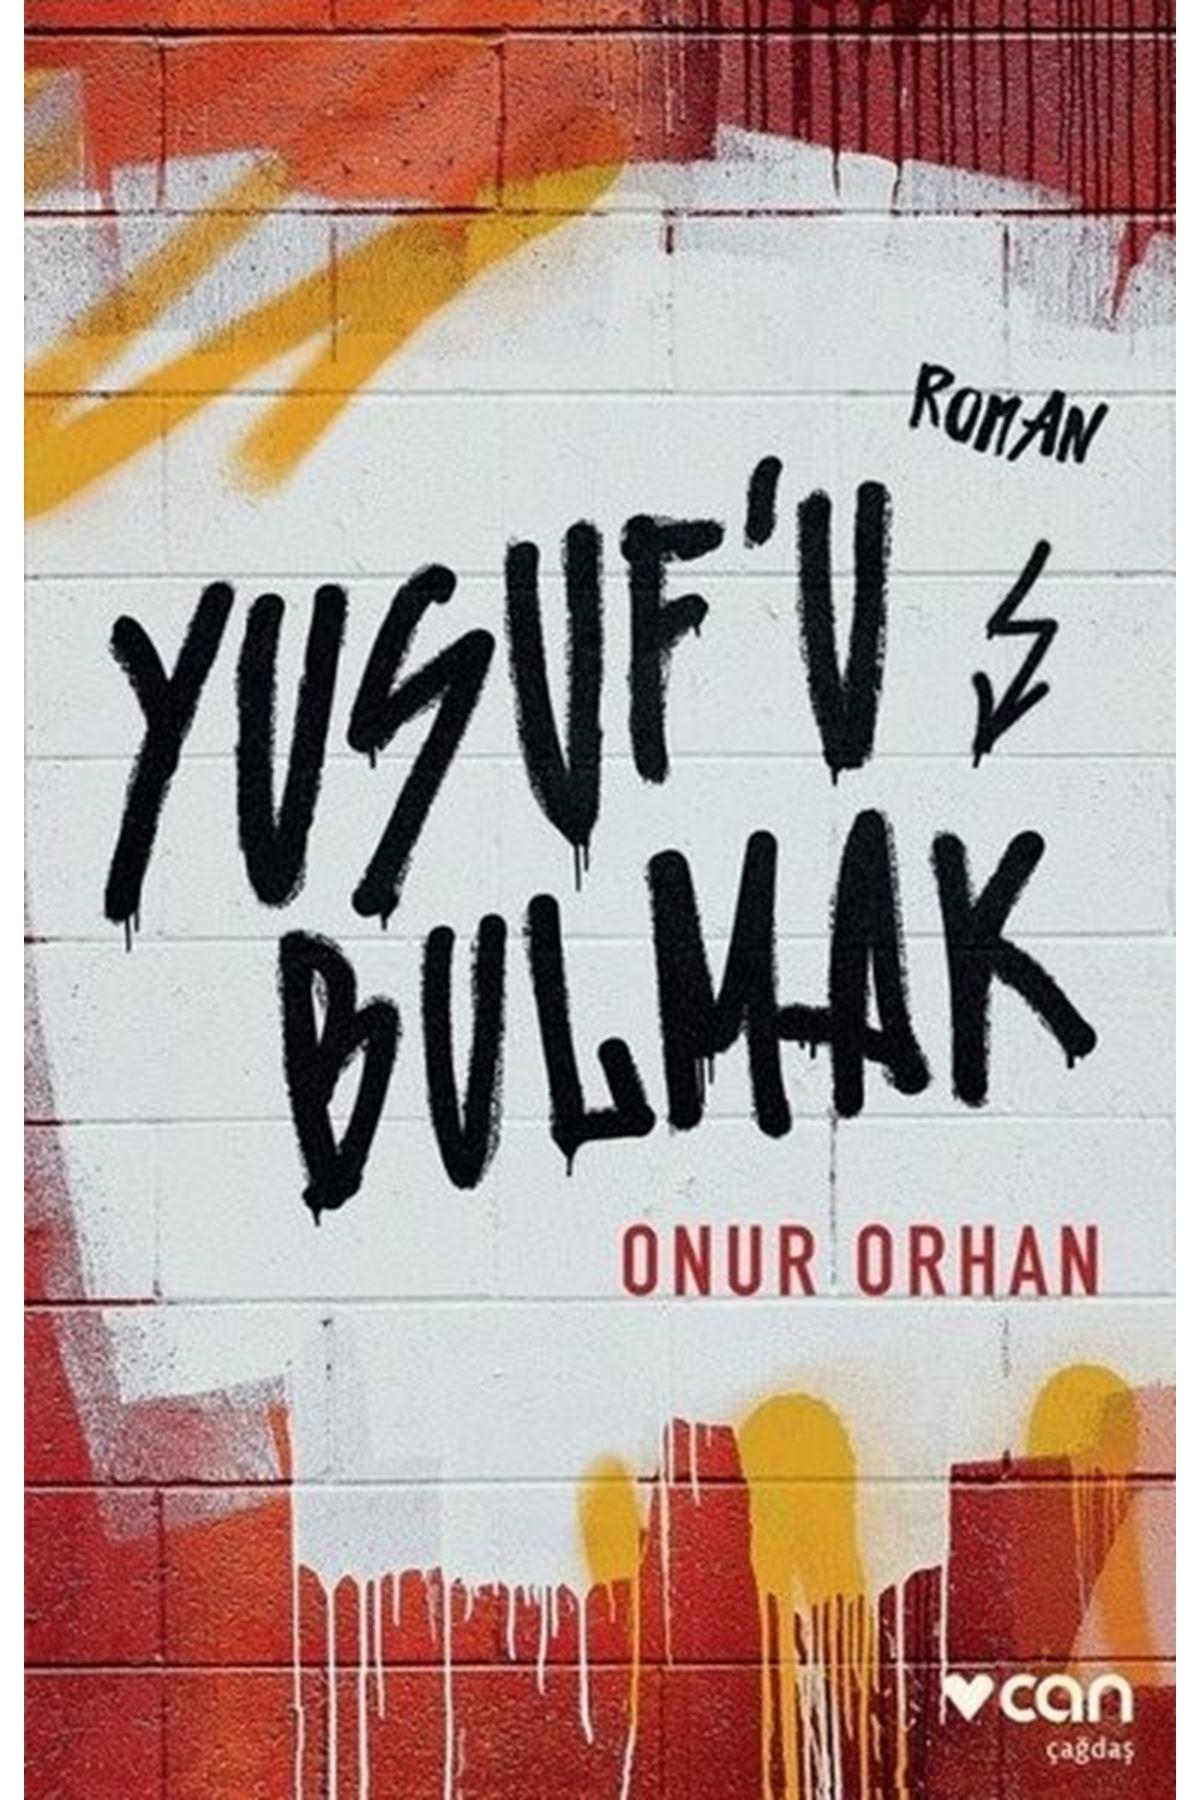 ONUR ORHAN - YUSUF'U BULMAK